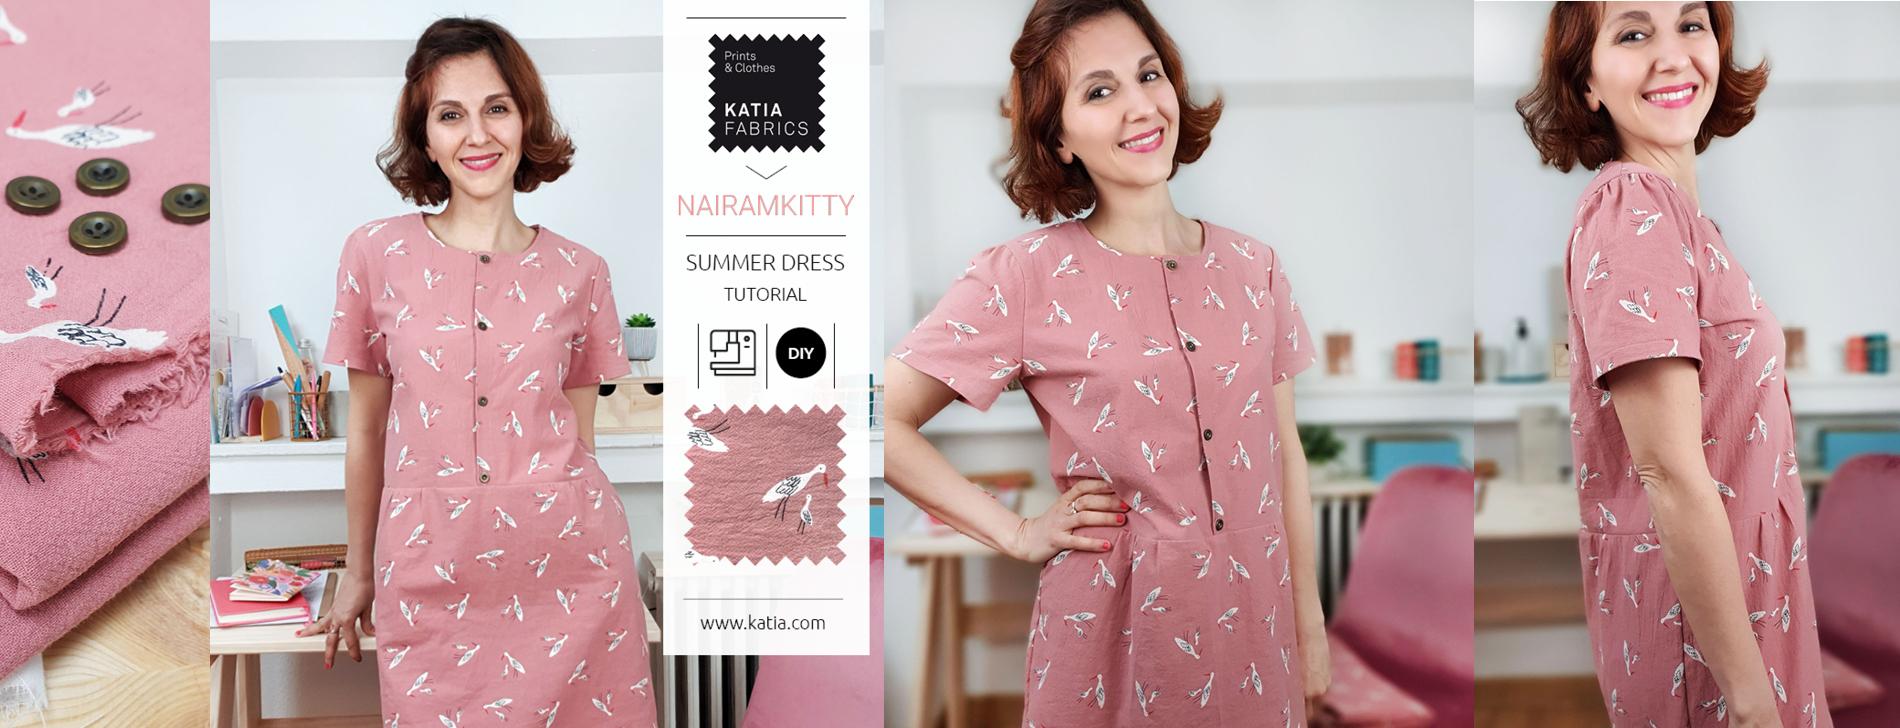 tutorial vestido de verano mujer